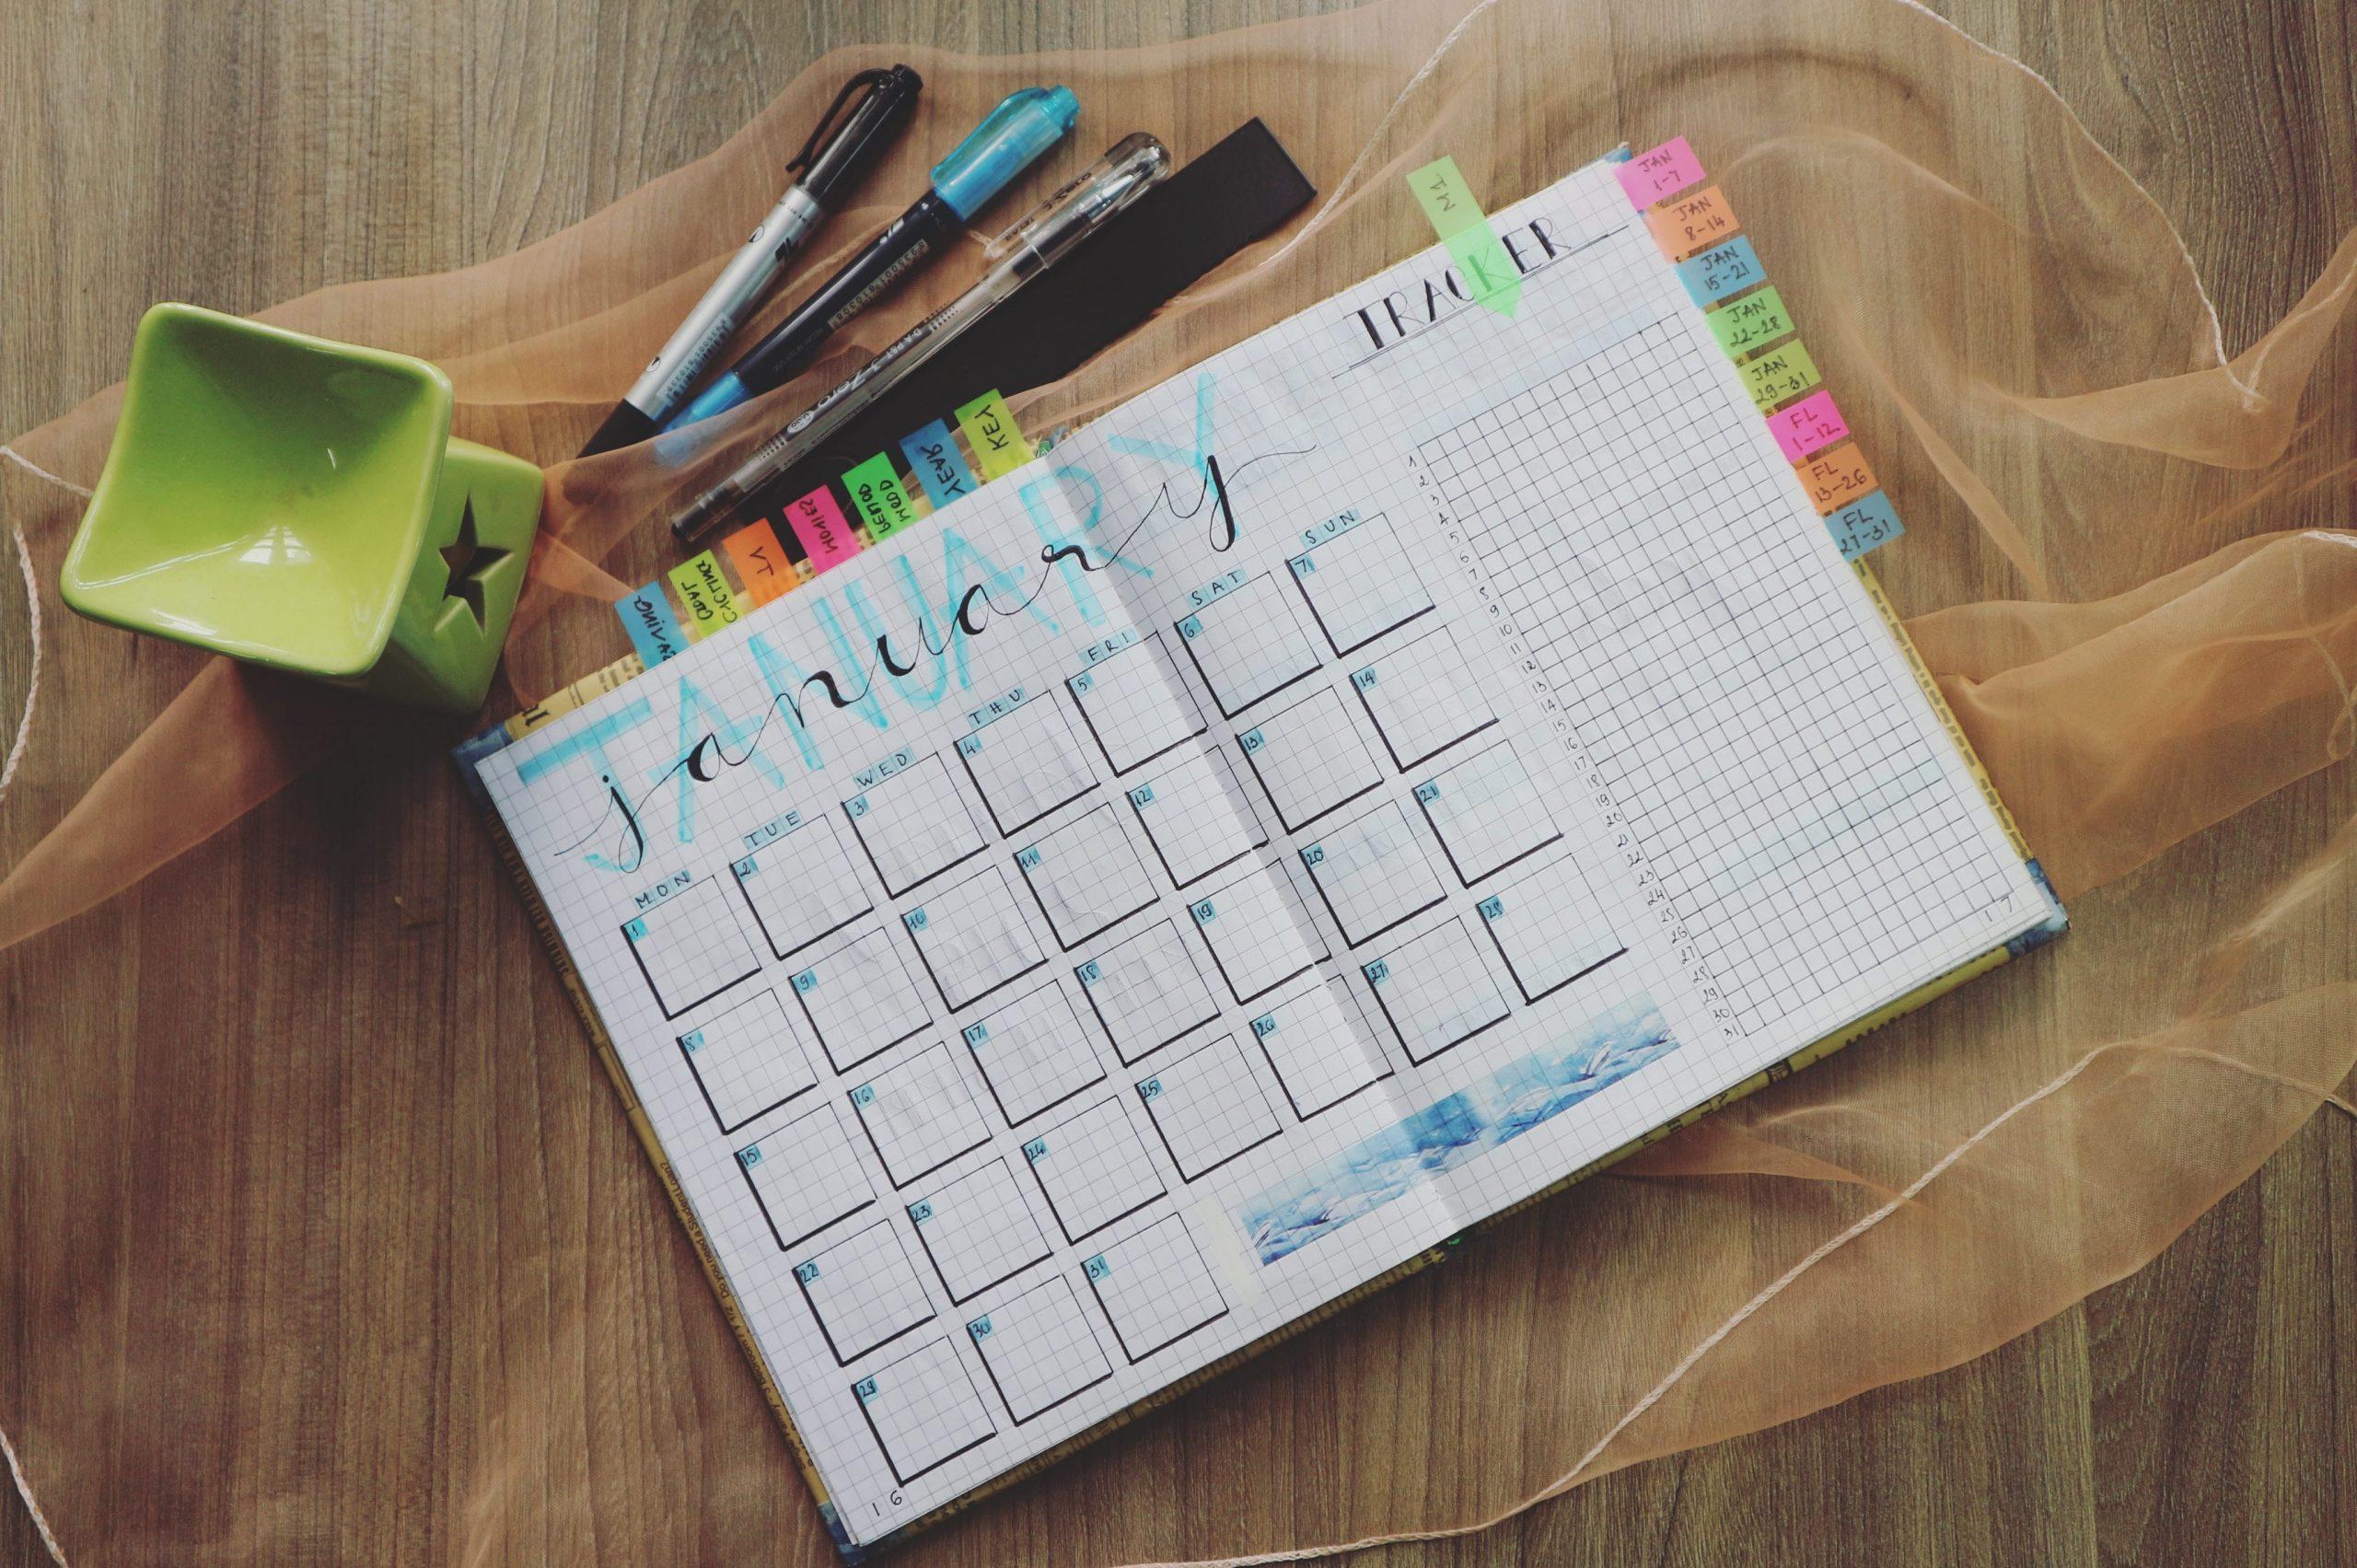 Un calendario editorial para organizar el trabajo de creación de contenidos.